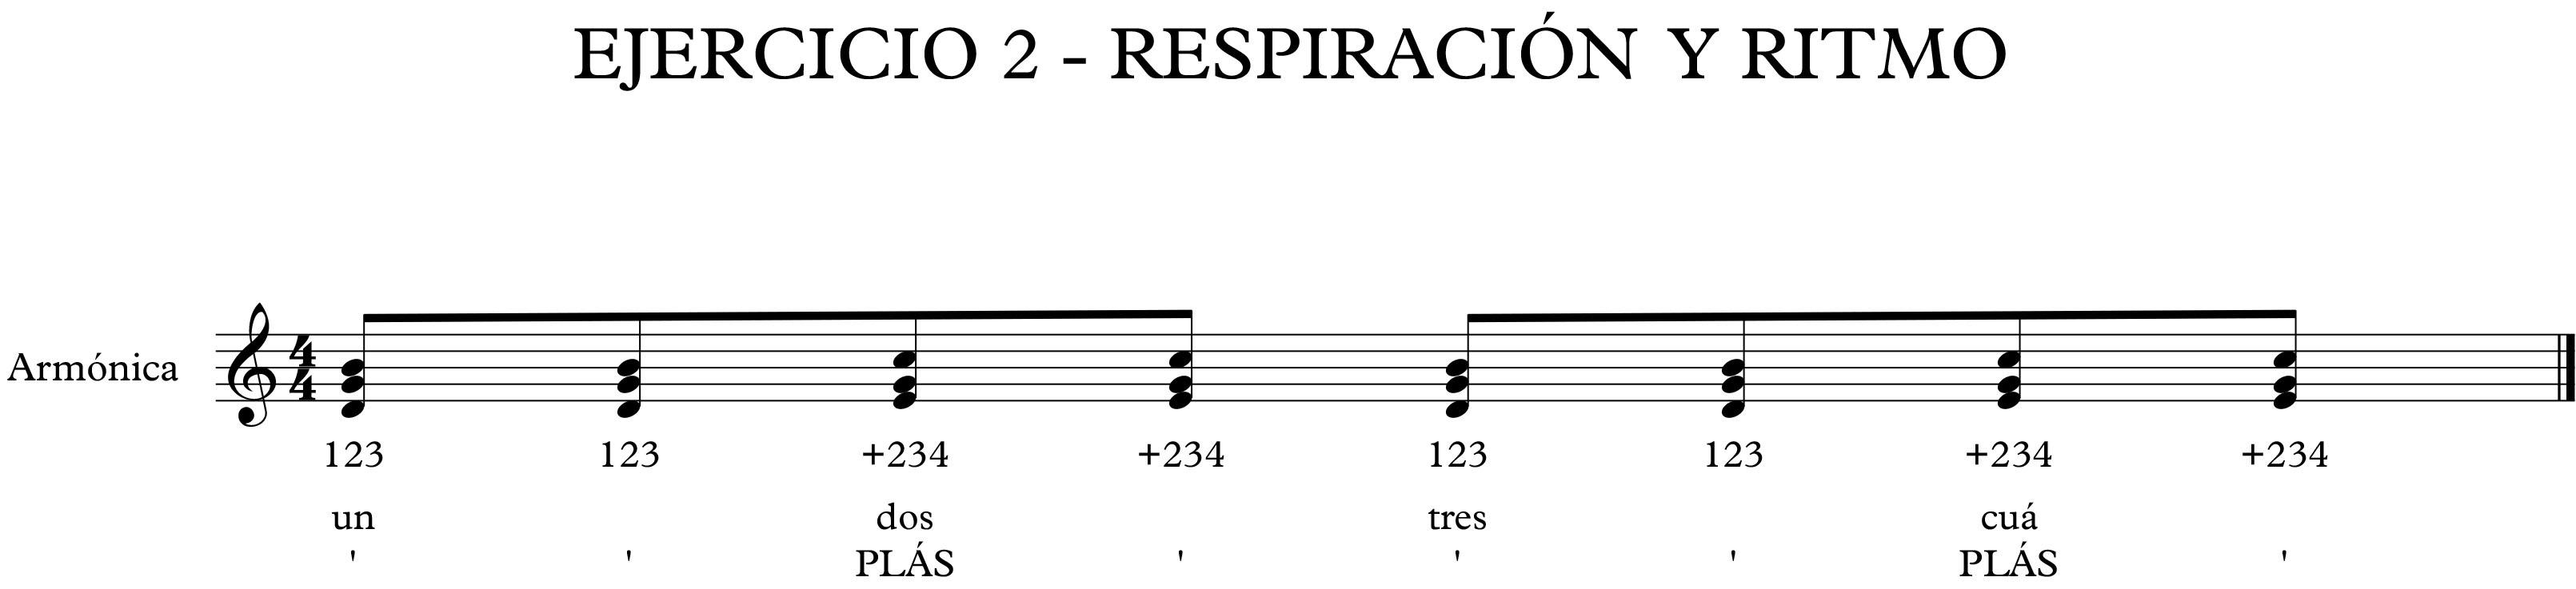 harpvard-entrenamiento-ejercicio-2